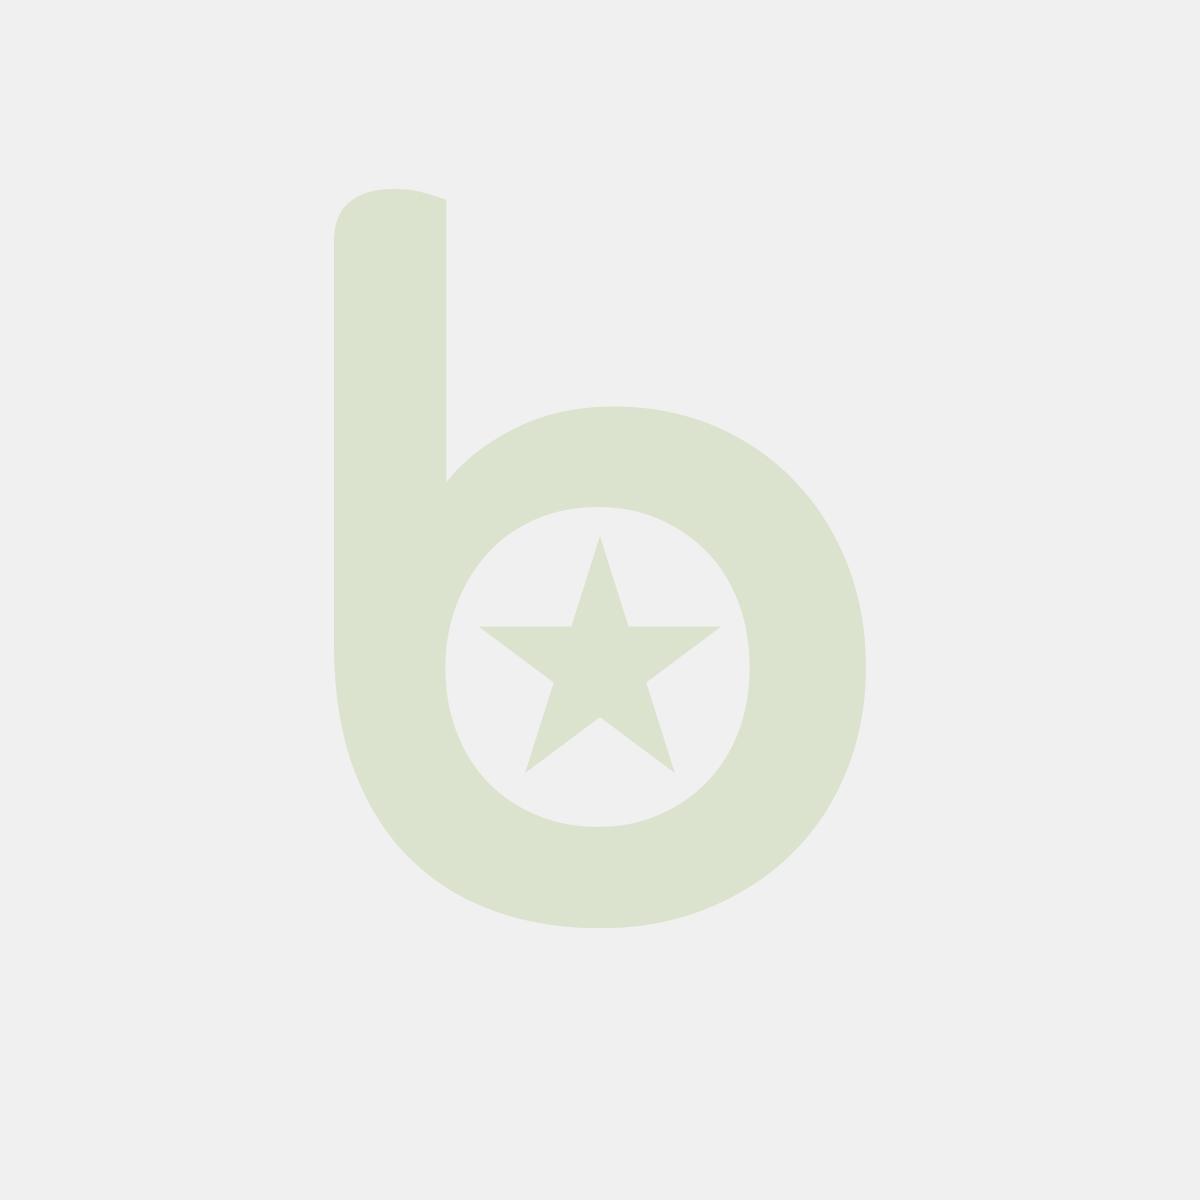 Kartridże 852 SCHNEIDER 852 do piór kulkowych, M, 5 szt., zielony